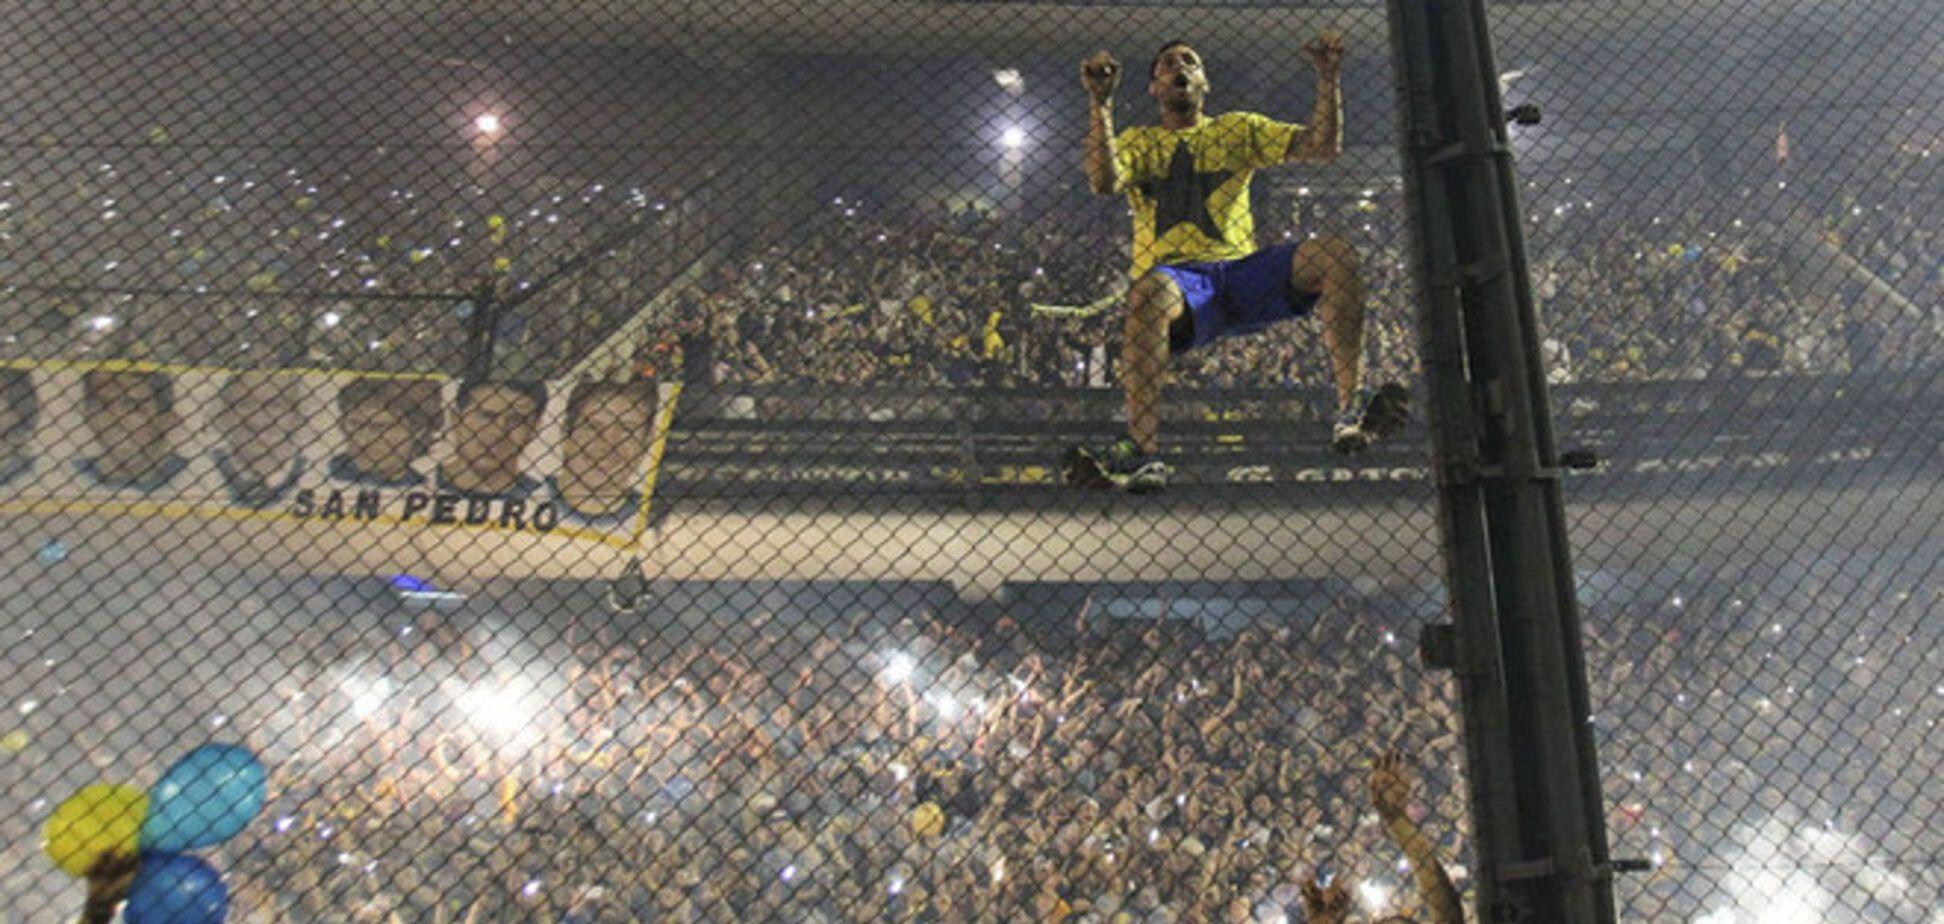 Аргентинские фанаты устроили грандиозное шоу: невероятное видео